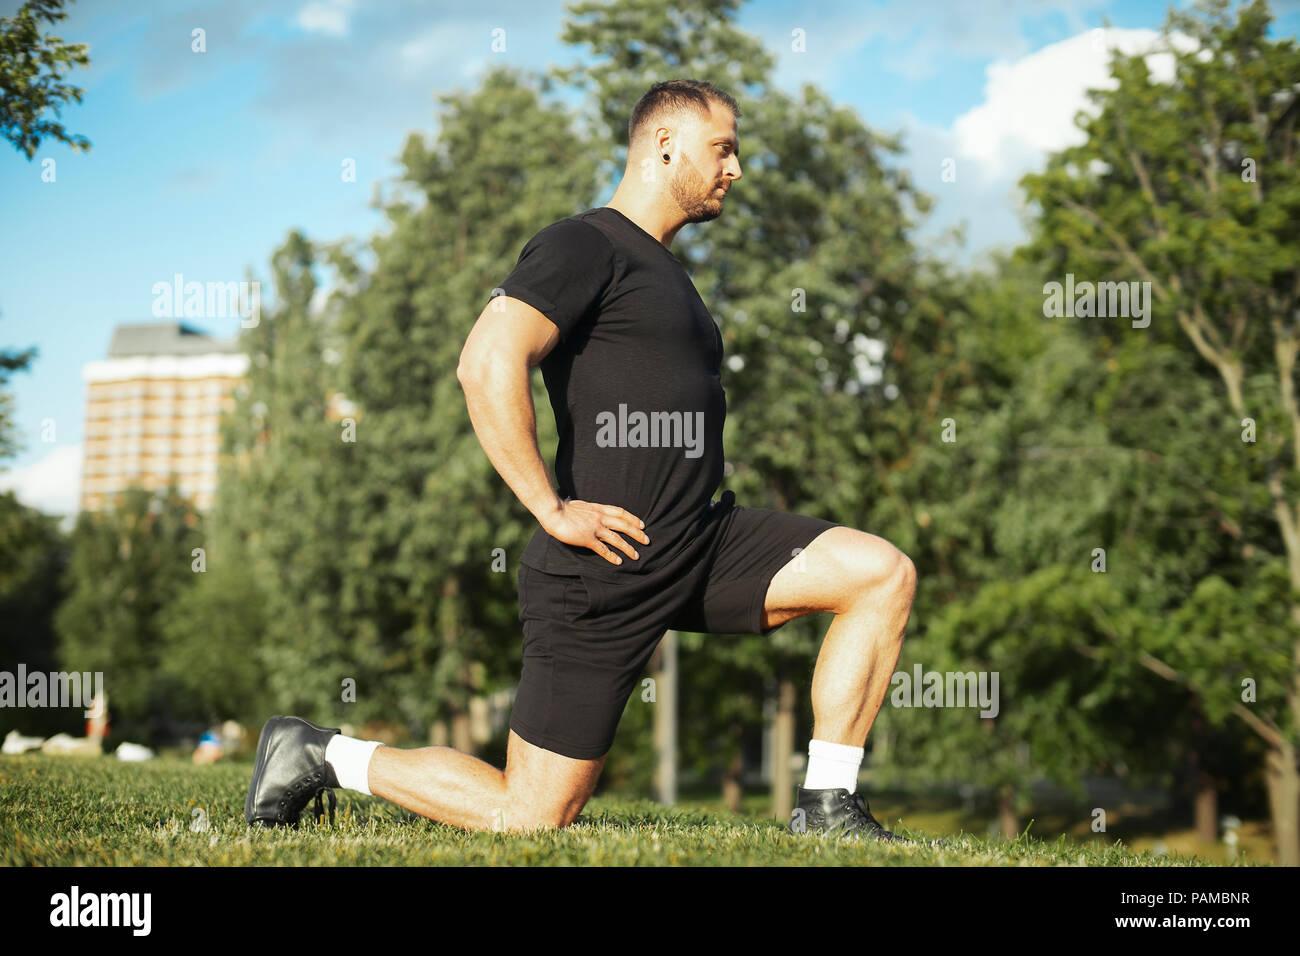 Jungen attraktiven Mann stretching Beine Ausfallschritt nach vorn im Freien tut der Mensch im Mittelpunkt und Vordergrund, Hintergrund ist unscharf. Stockbild